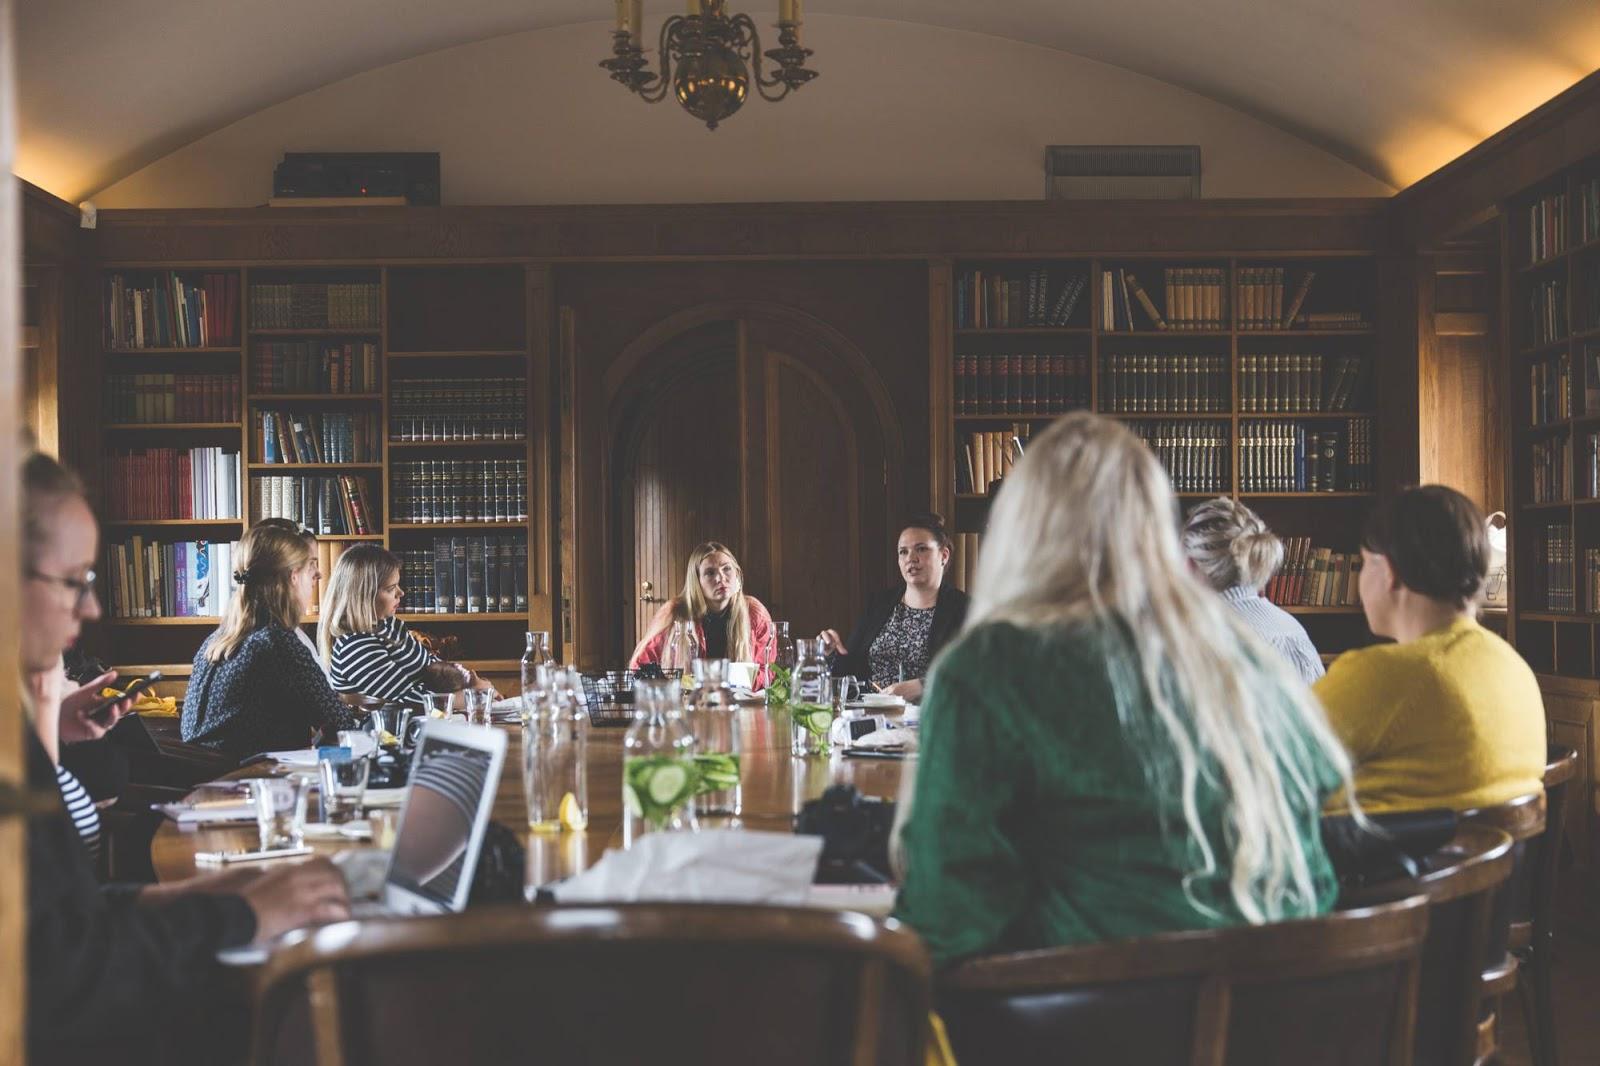 Aboa Vetus & Ars Novan upea biljardihuone oli idyllinen paikka nauttia Varpublogien workshopeista.